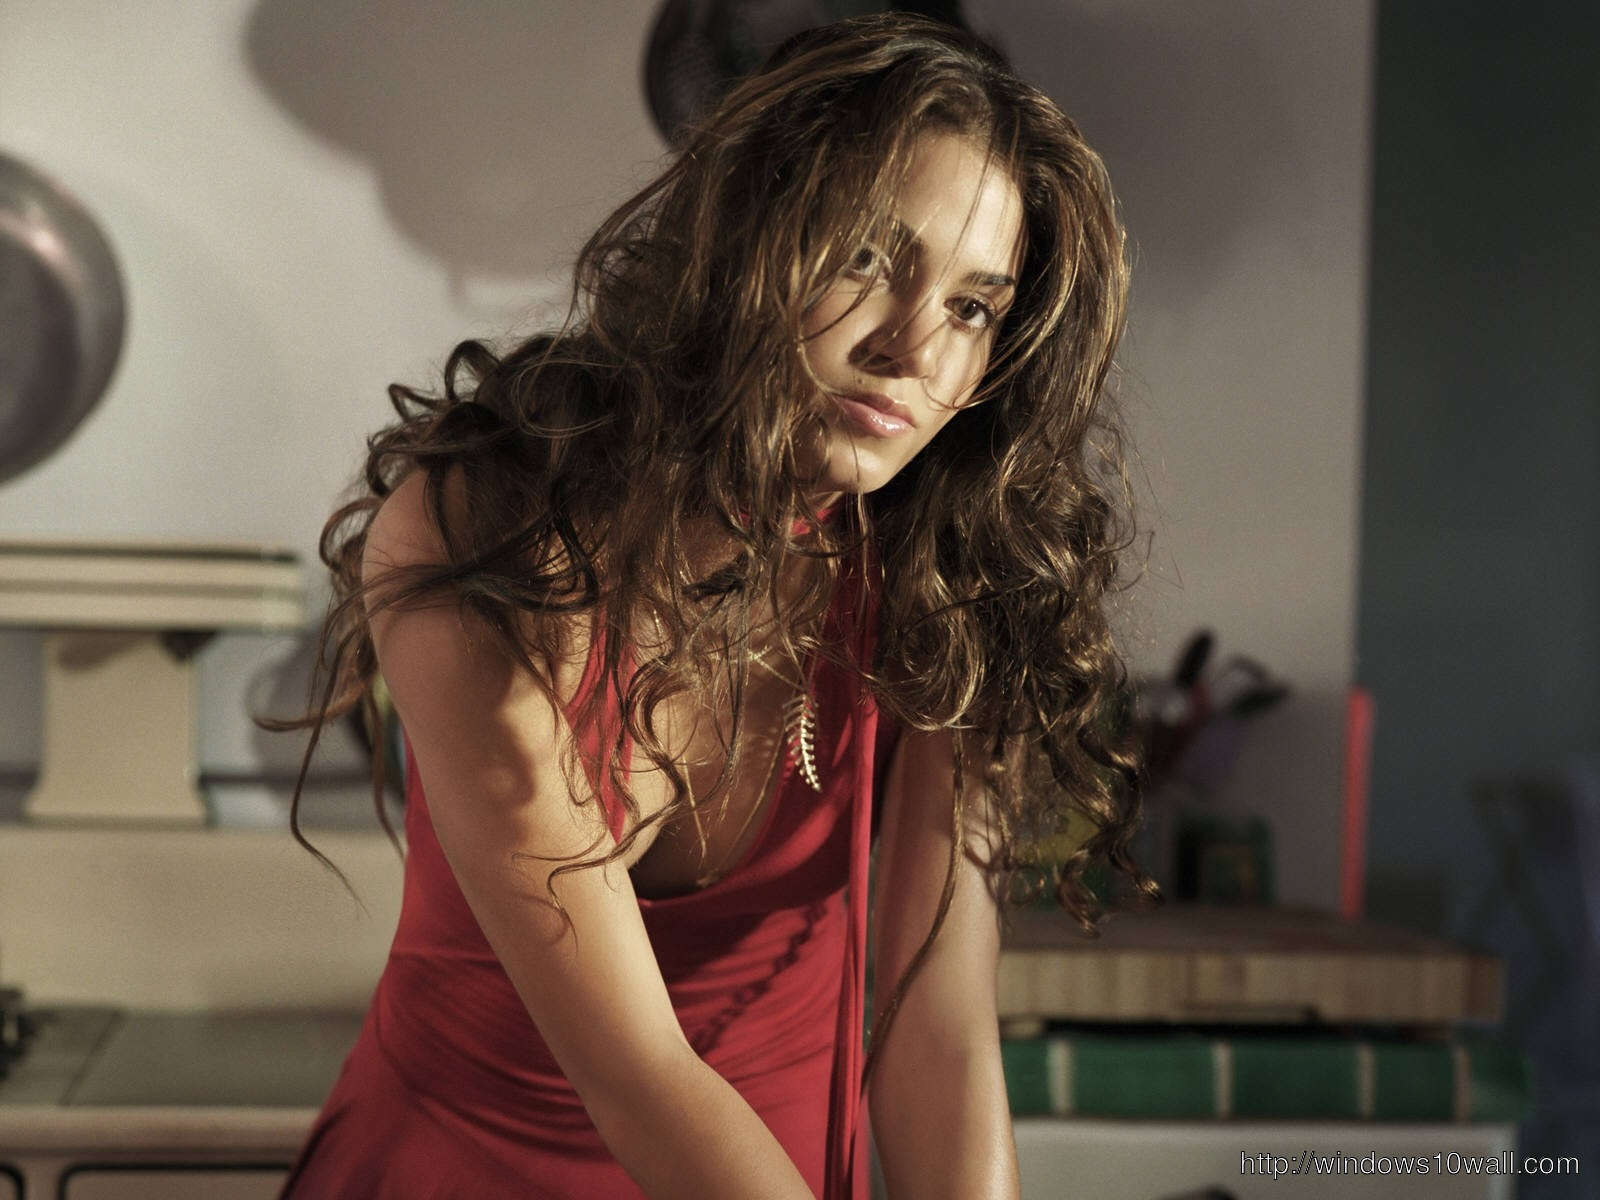 Gorgeous Nikki Reed in Red Dress Desktop Wallpaper